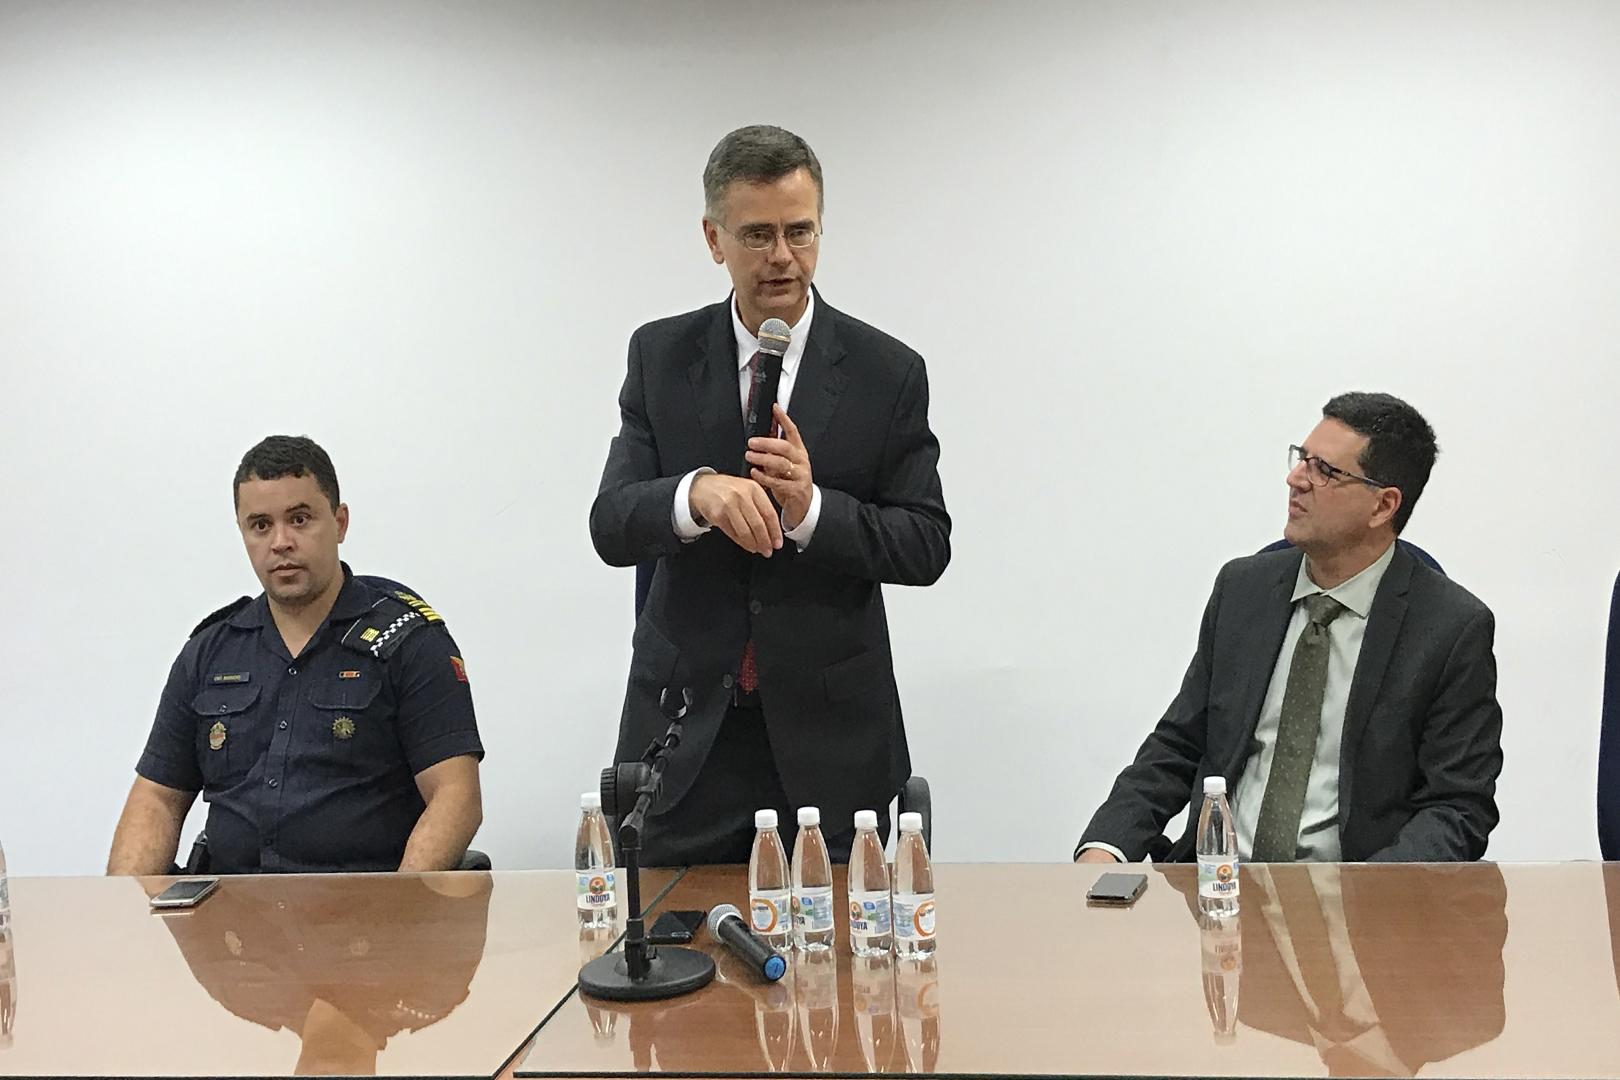 Comarcas do interior participam da campanha 'Semana pela Paz em Casa'